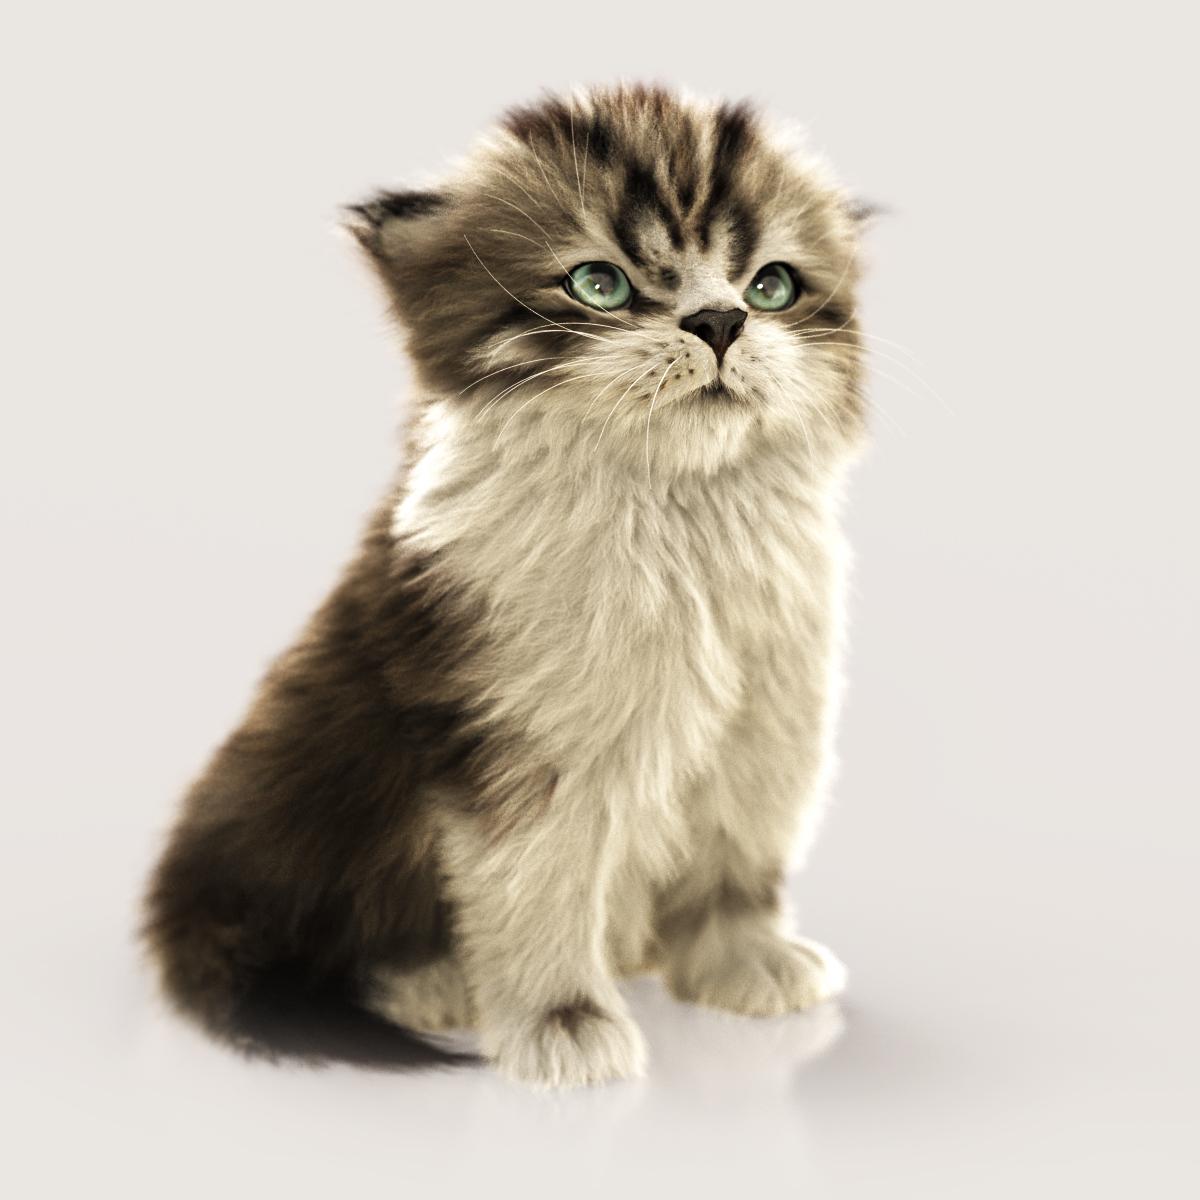 Massimorighi kitten 1 4ac20f11 nhk6